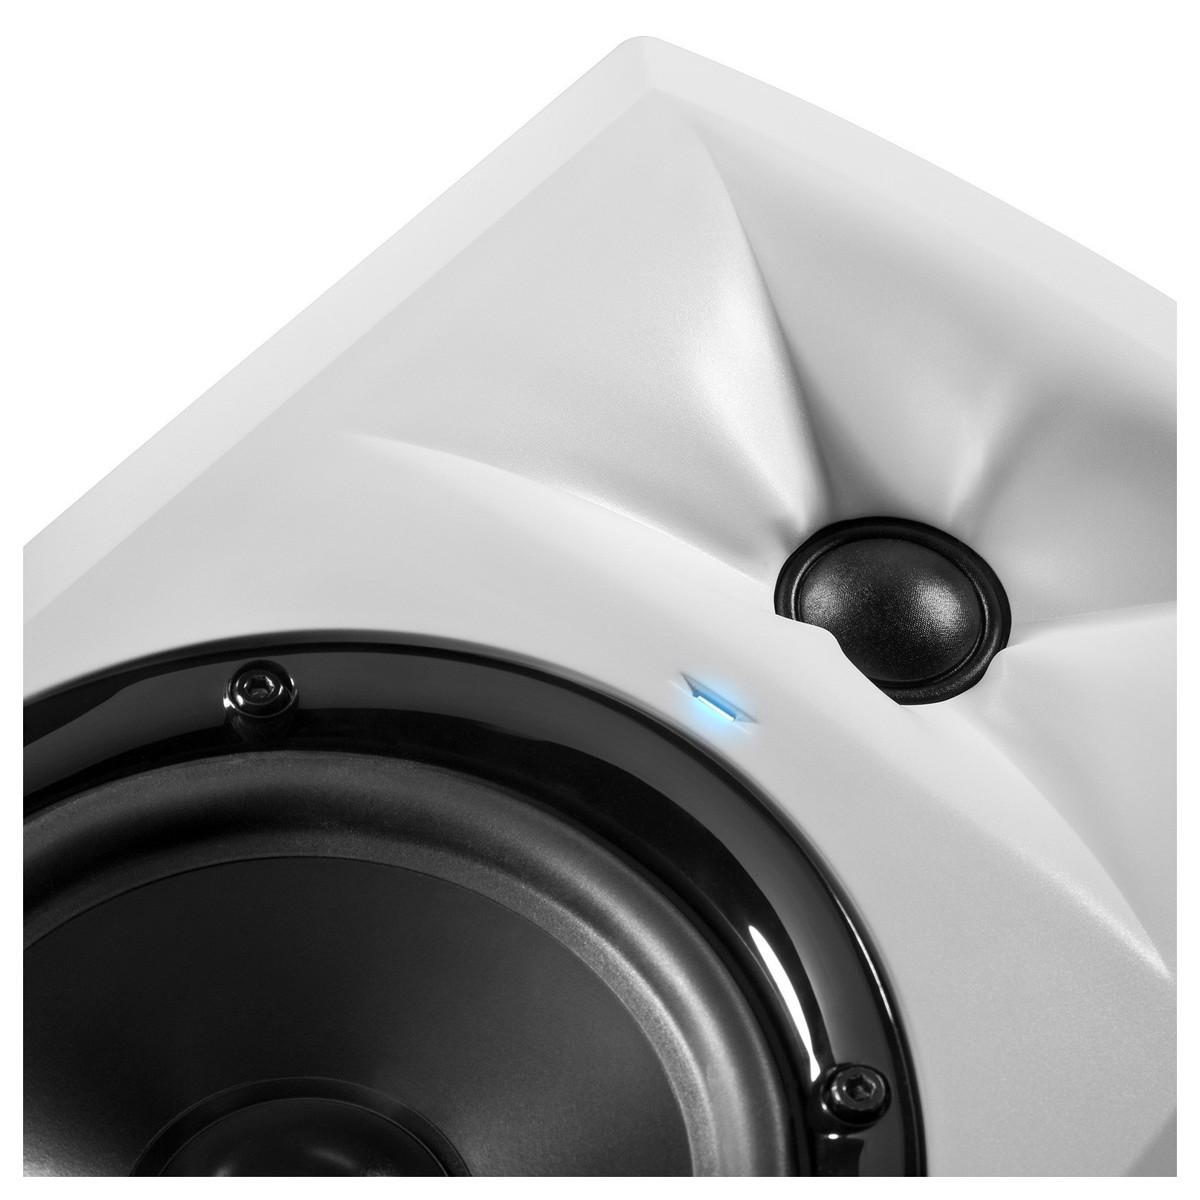 jbl 305 white. jbl lsr305 studio monitor, white - detail. loading zoom jbl 305 a